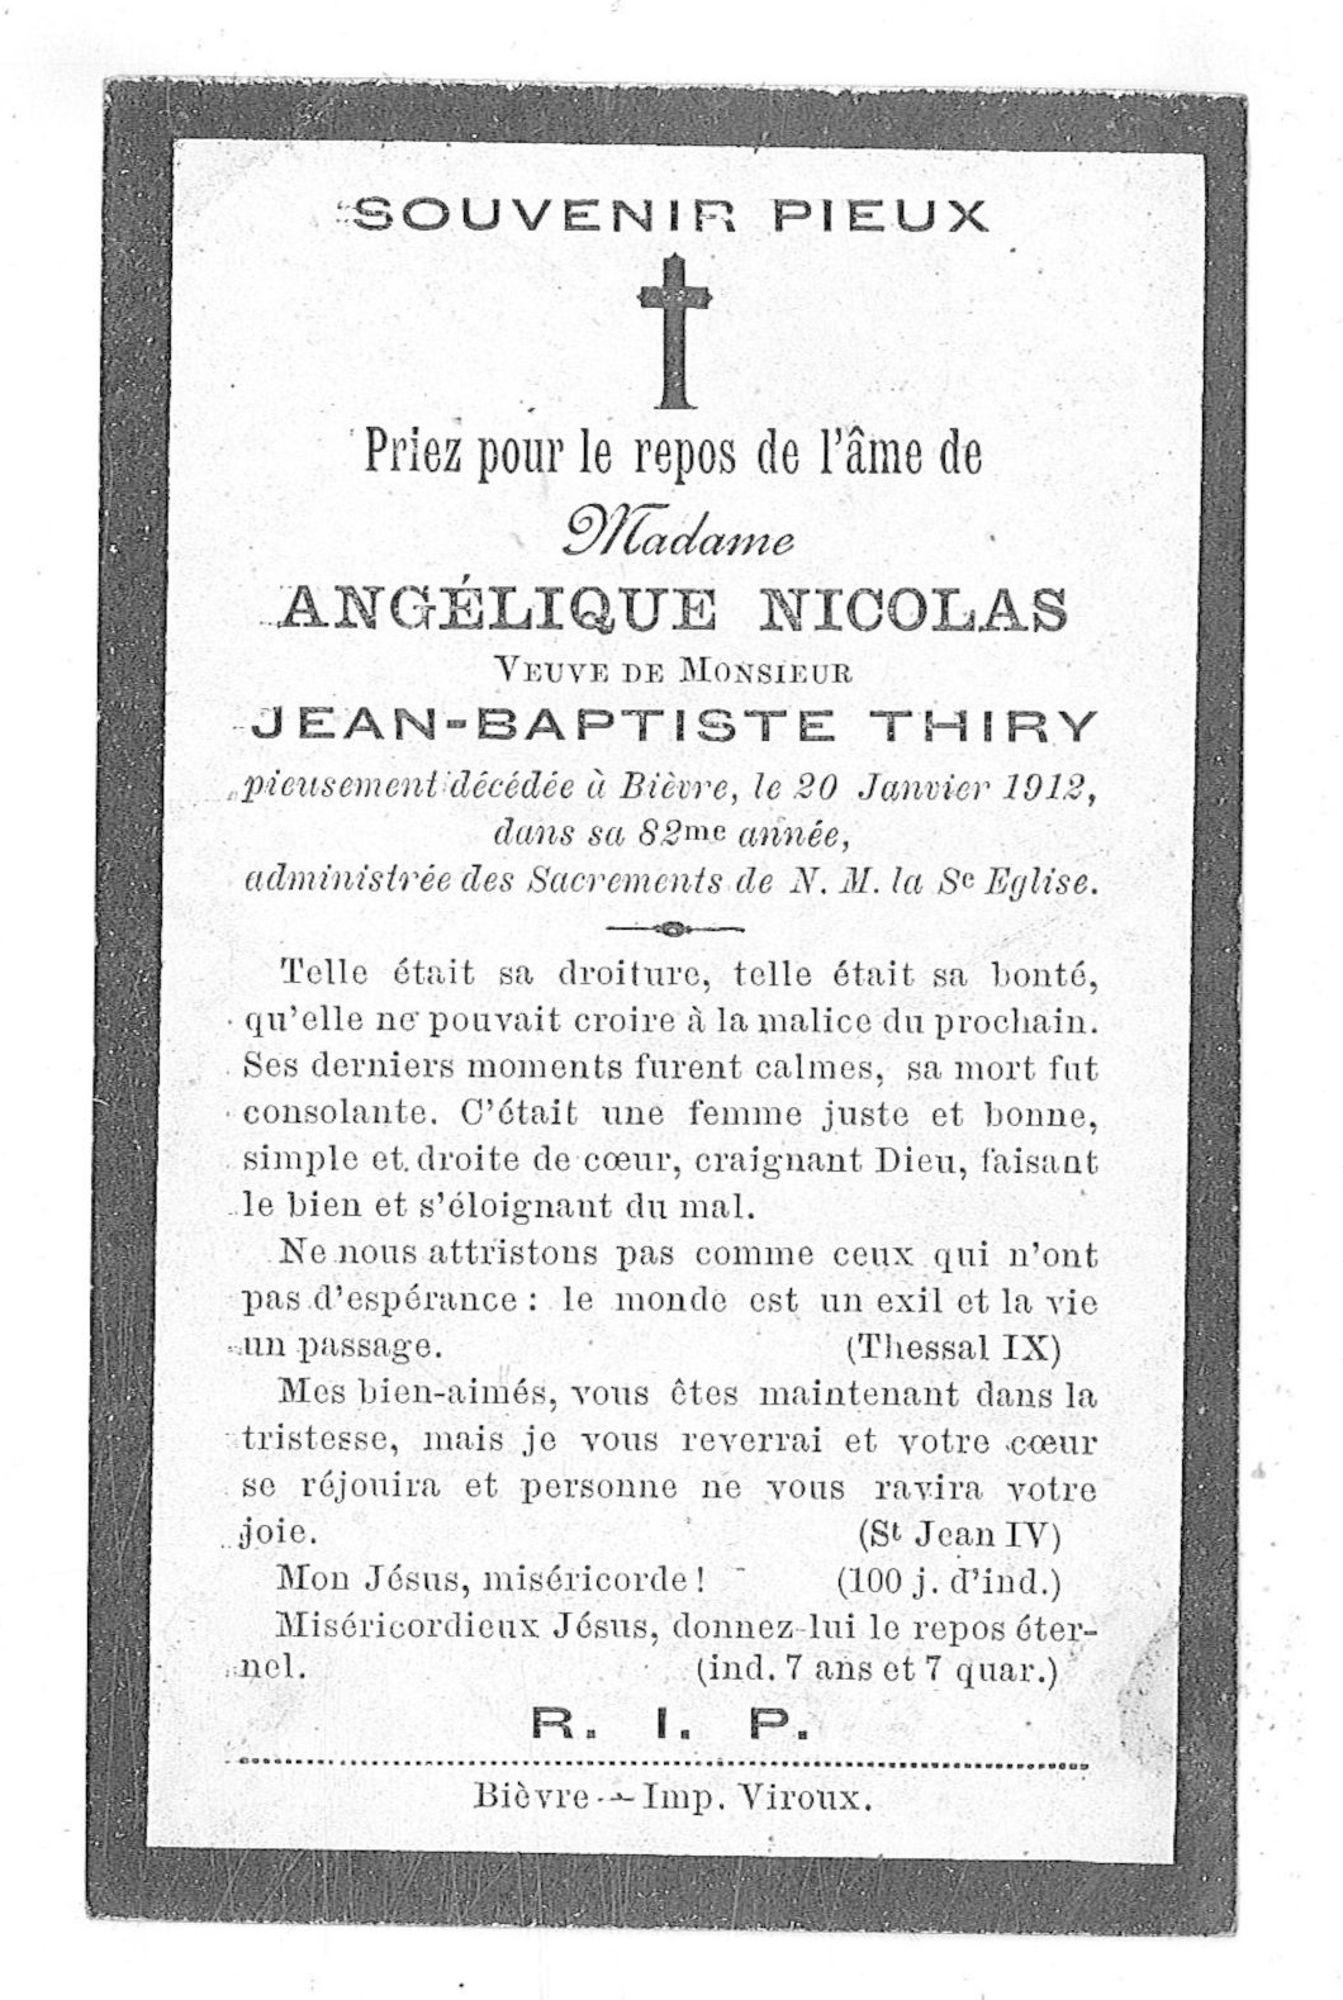 Angélique Nicolas